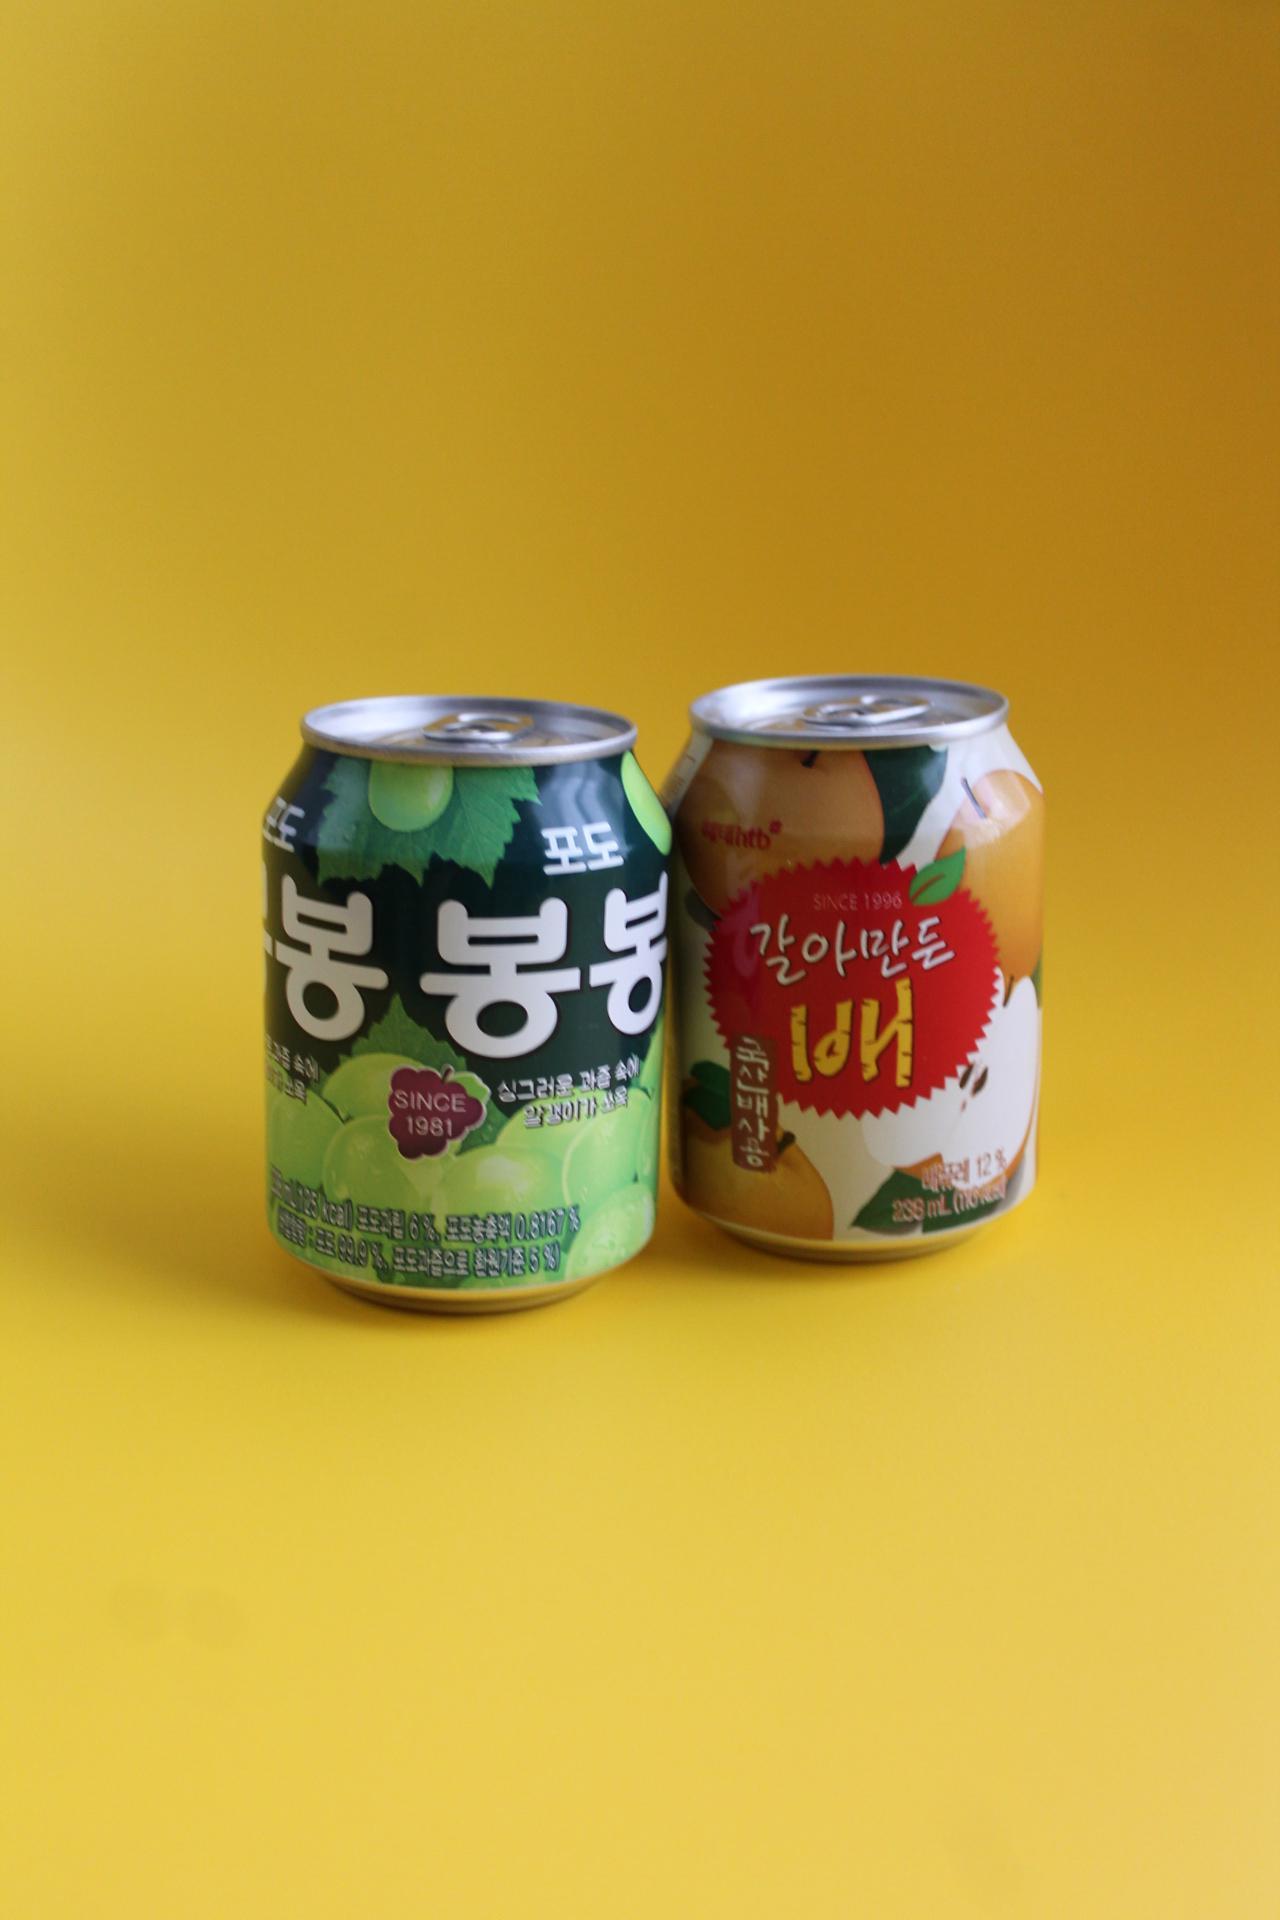 画像: 「ヘテ」のブドウジュースと梨ジュース